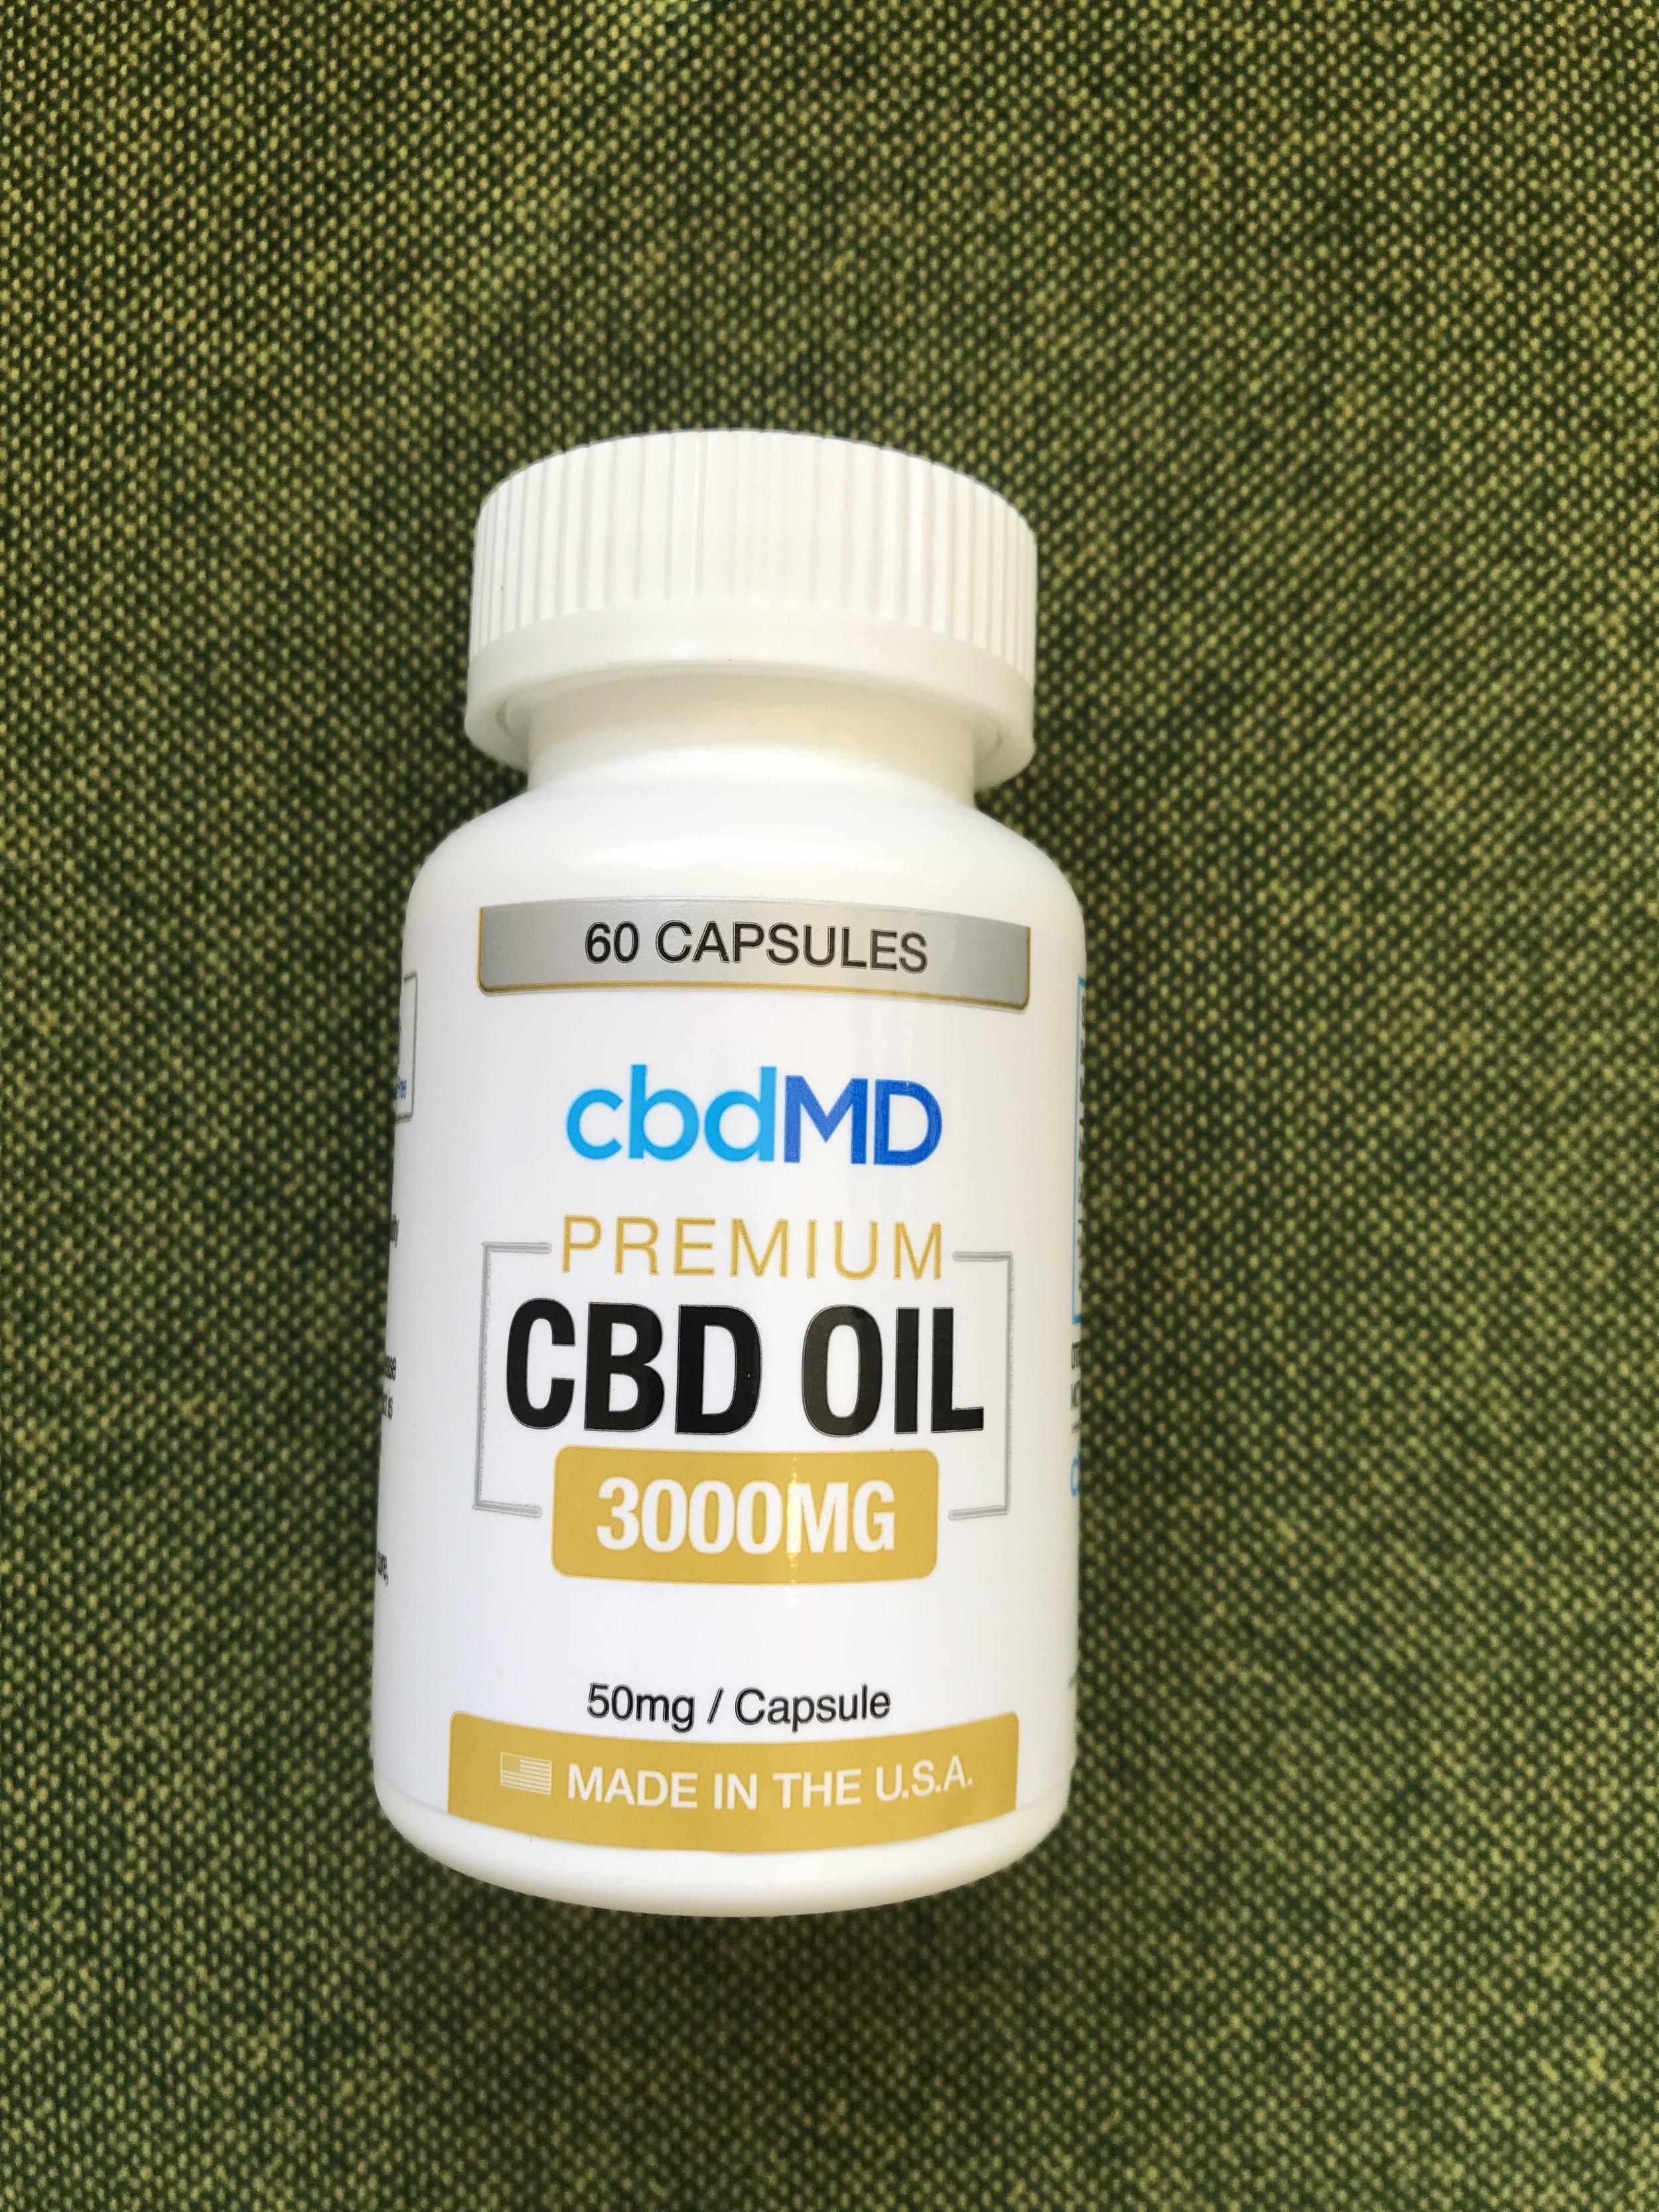 cbdMD Premium Capsules 50mg - $155.00 (60 count)